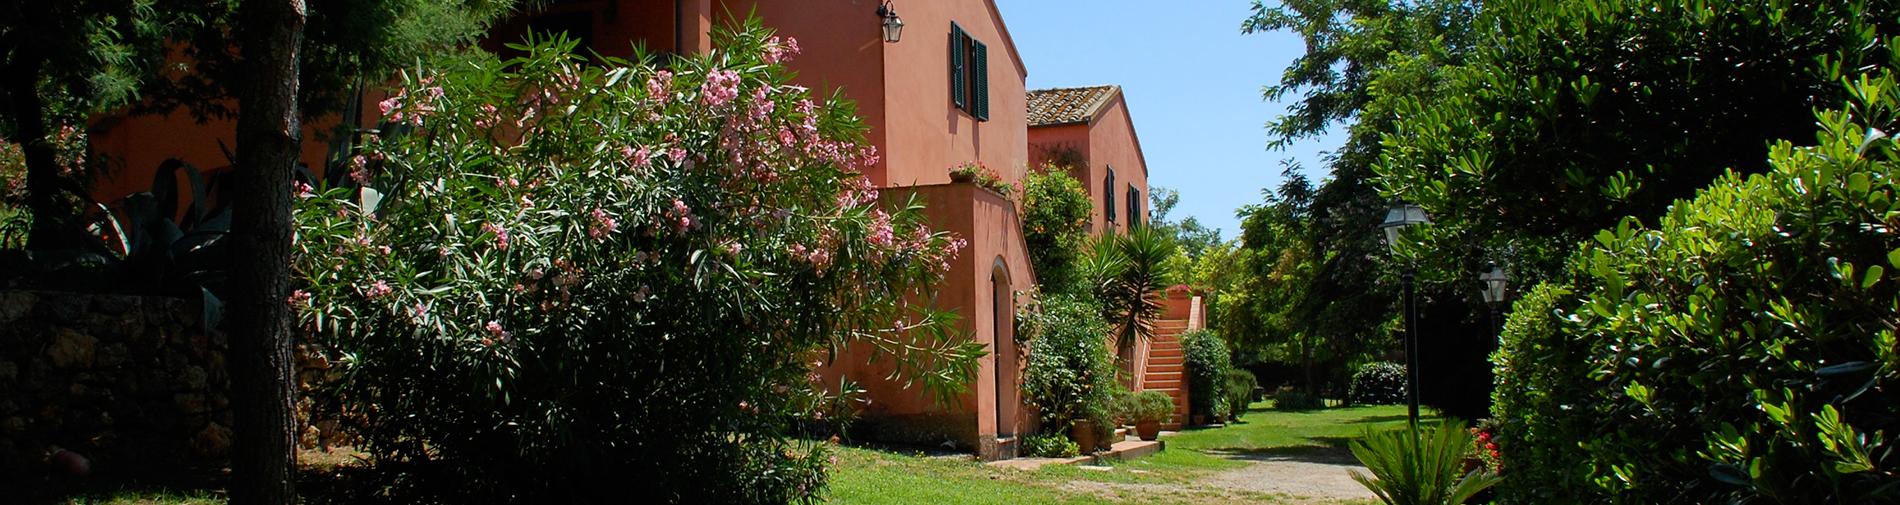 appartamenti in affitto nella Maremma Toscana e nel centro di Orbetello